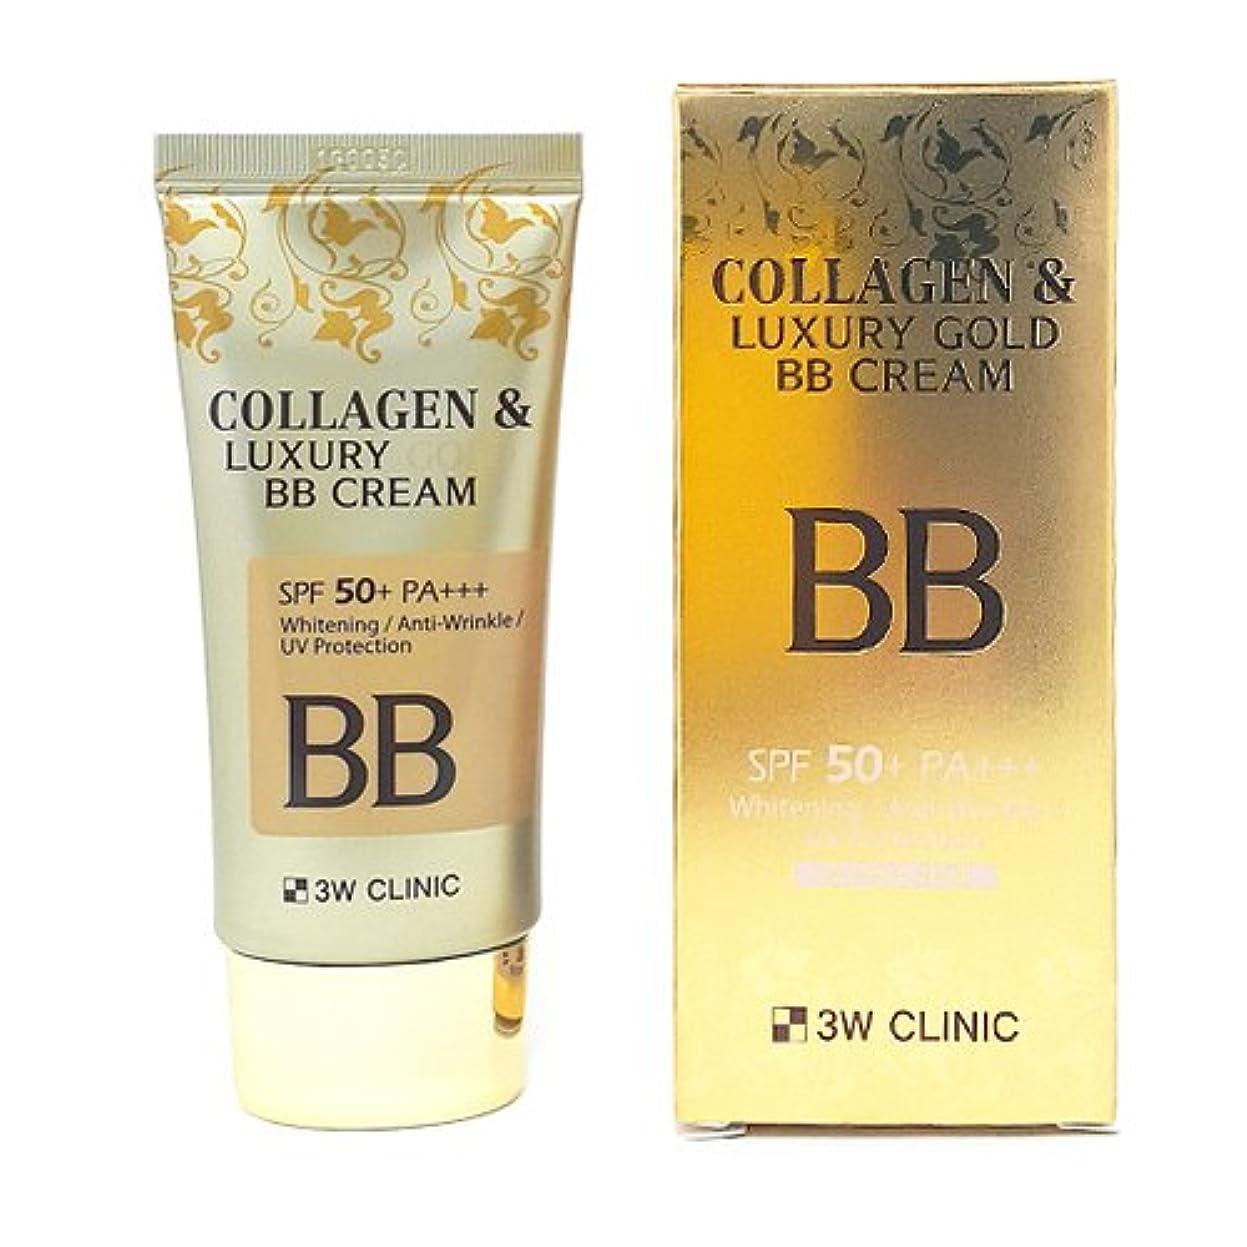 学士スタック丁寧3Wクリニック[韓国コスメ3w Clinic]Collagen & Luxury Gold BB Cream コラーゲンラグジュアリーゴールド BBクリーム50ml 50+/PA+++[並行輸入品]